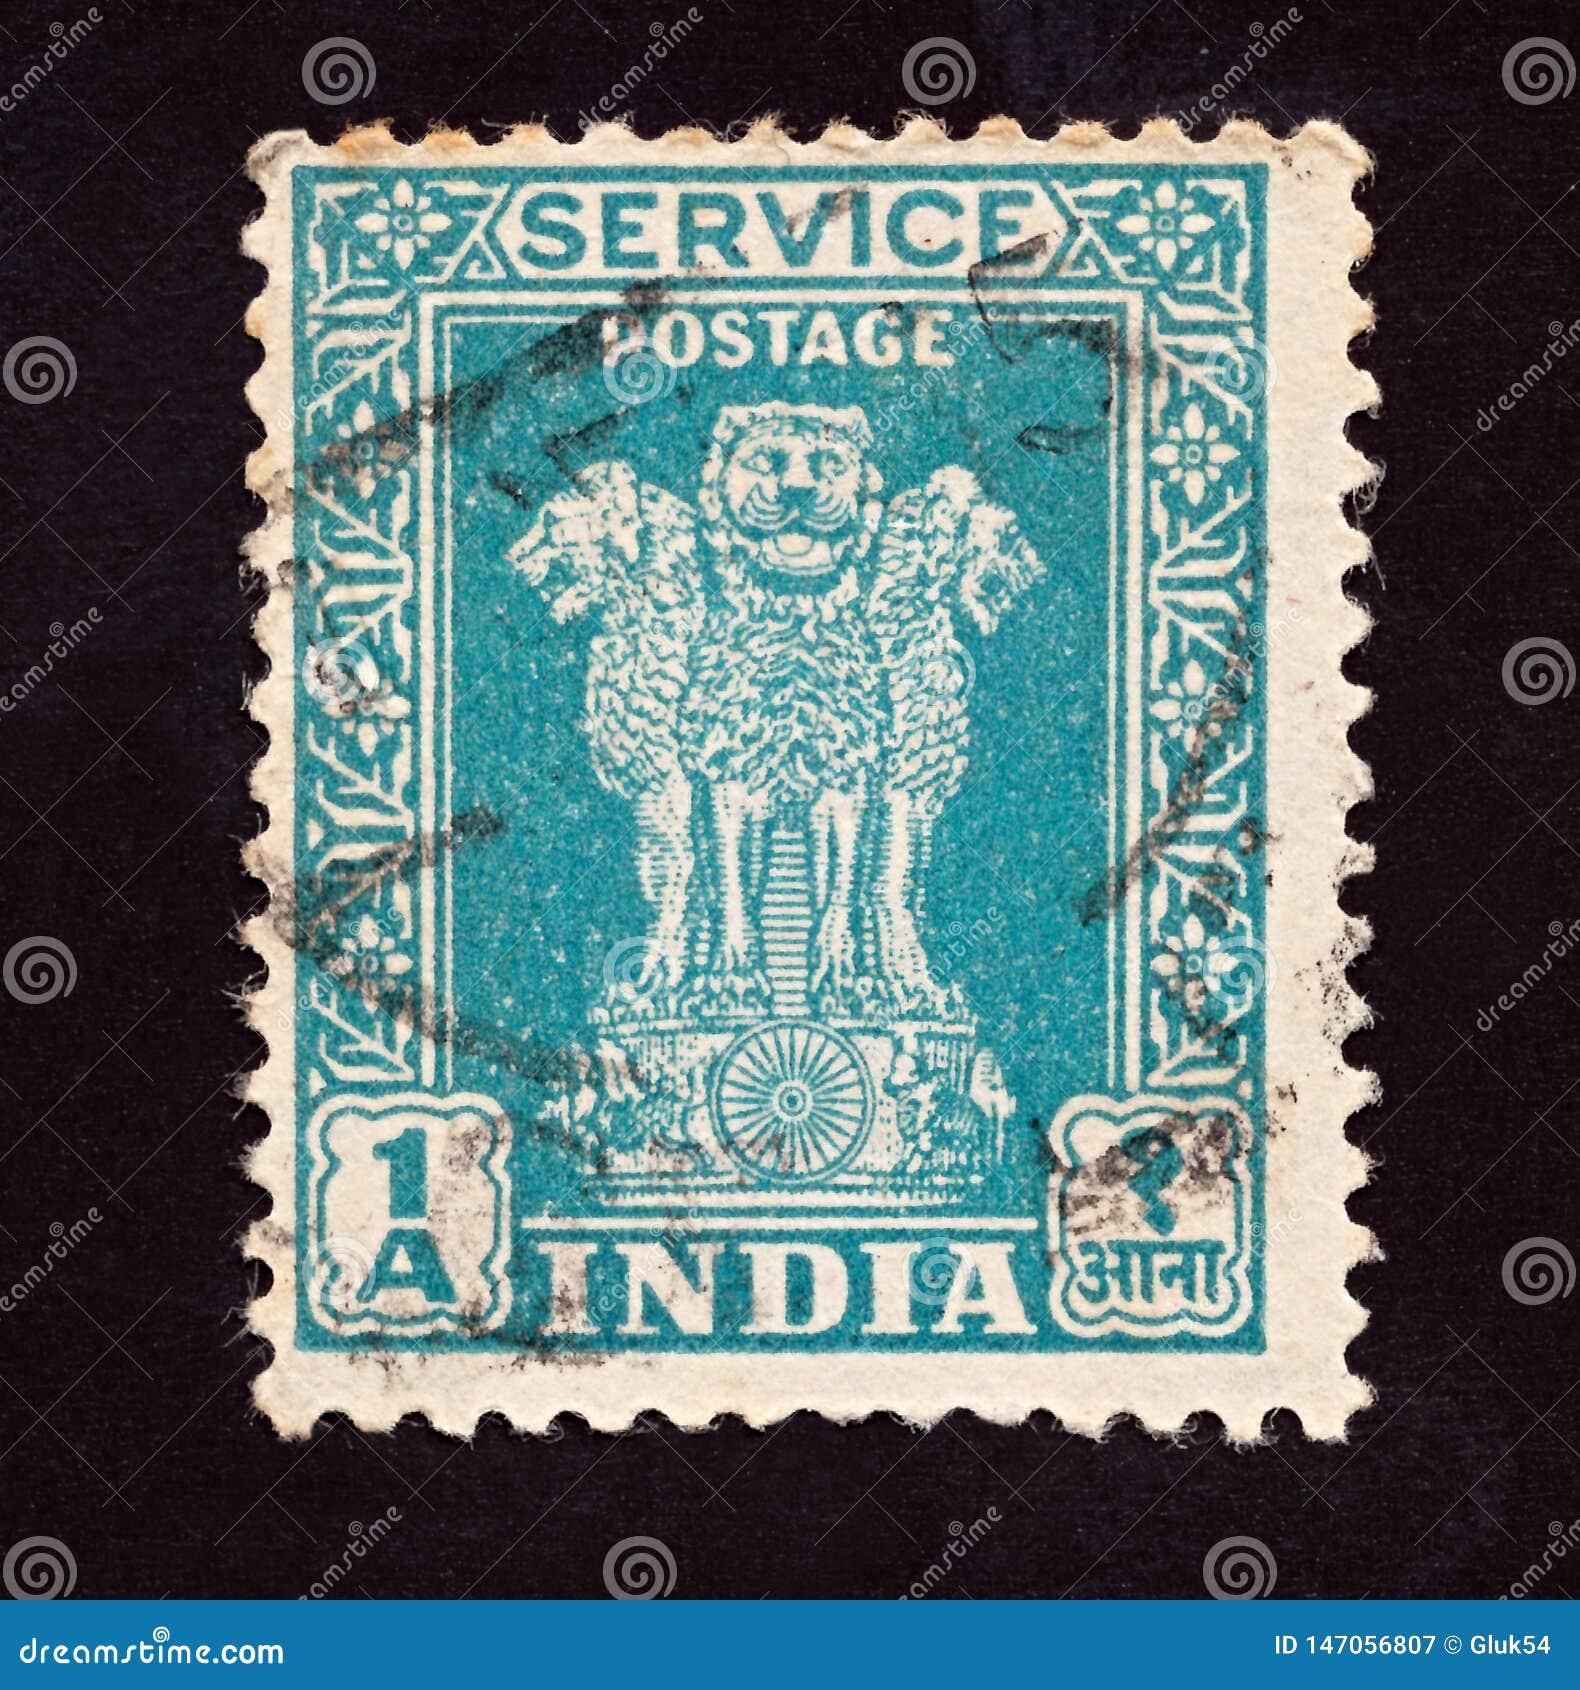 L INDE - VERS 1950 : Le timbre-poste d?command? imprim? par esprit indien montre ? quatre lions indiens la capitale du pilier d A